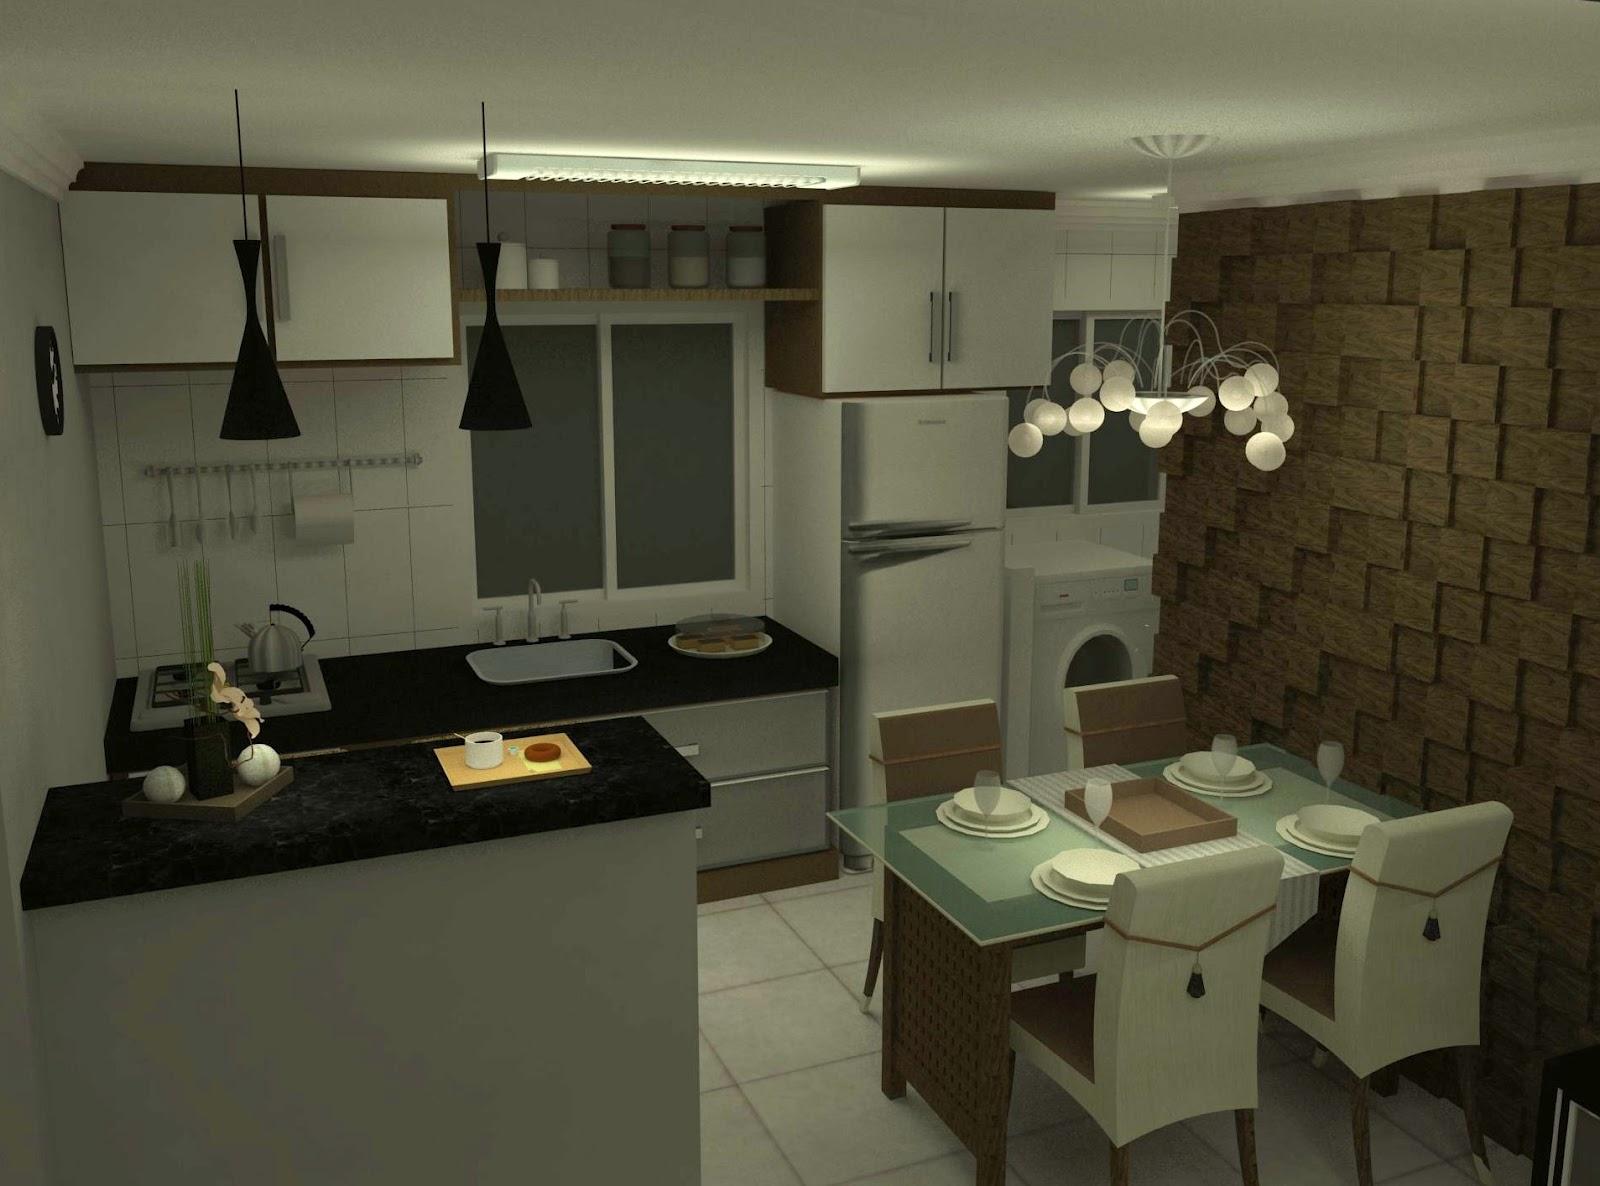 #91753A Cozinha integrada 866 Medidas De Janelas De Aluminio Para Cozinha